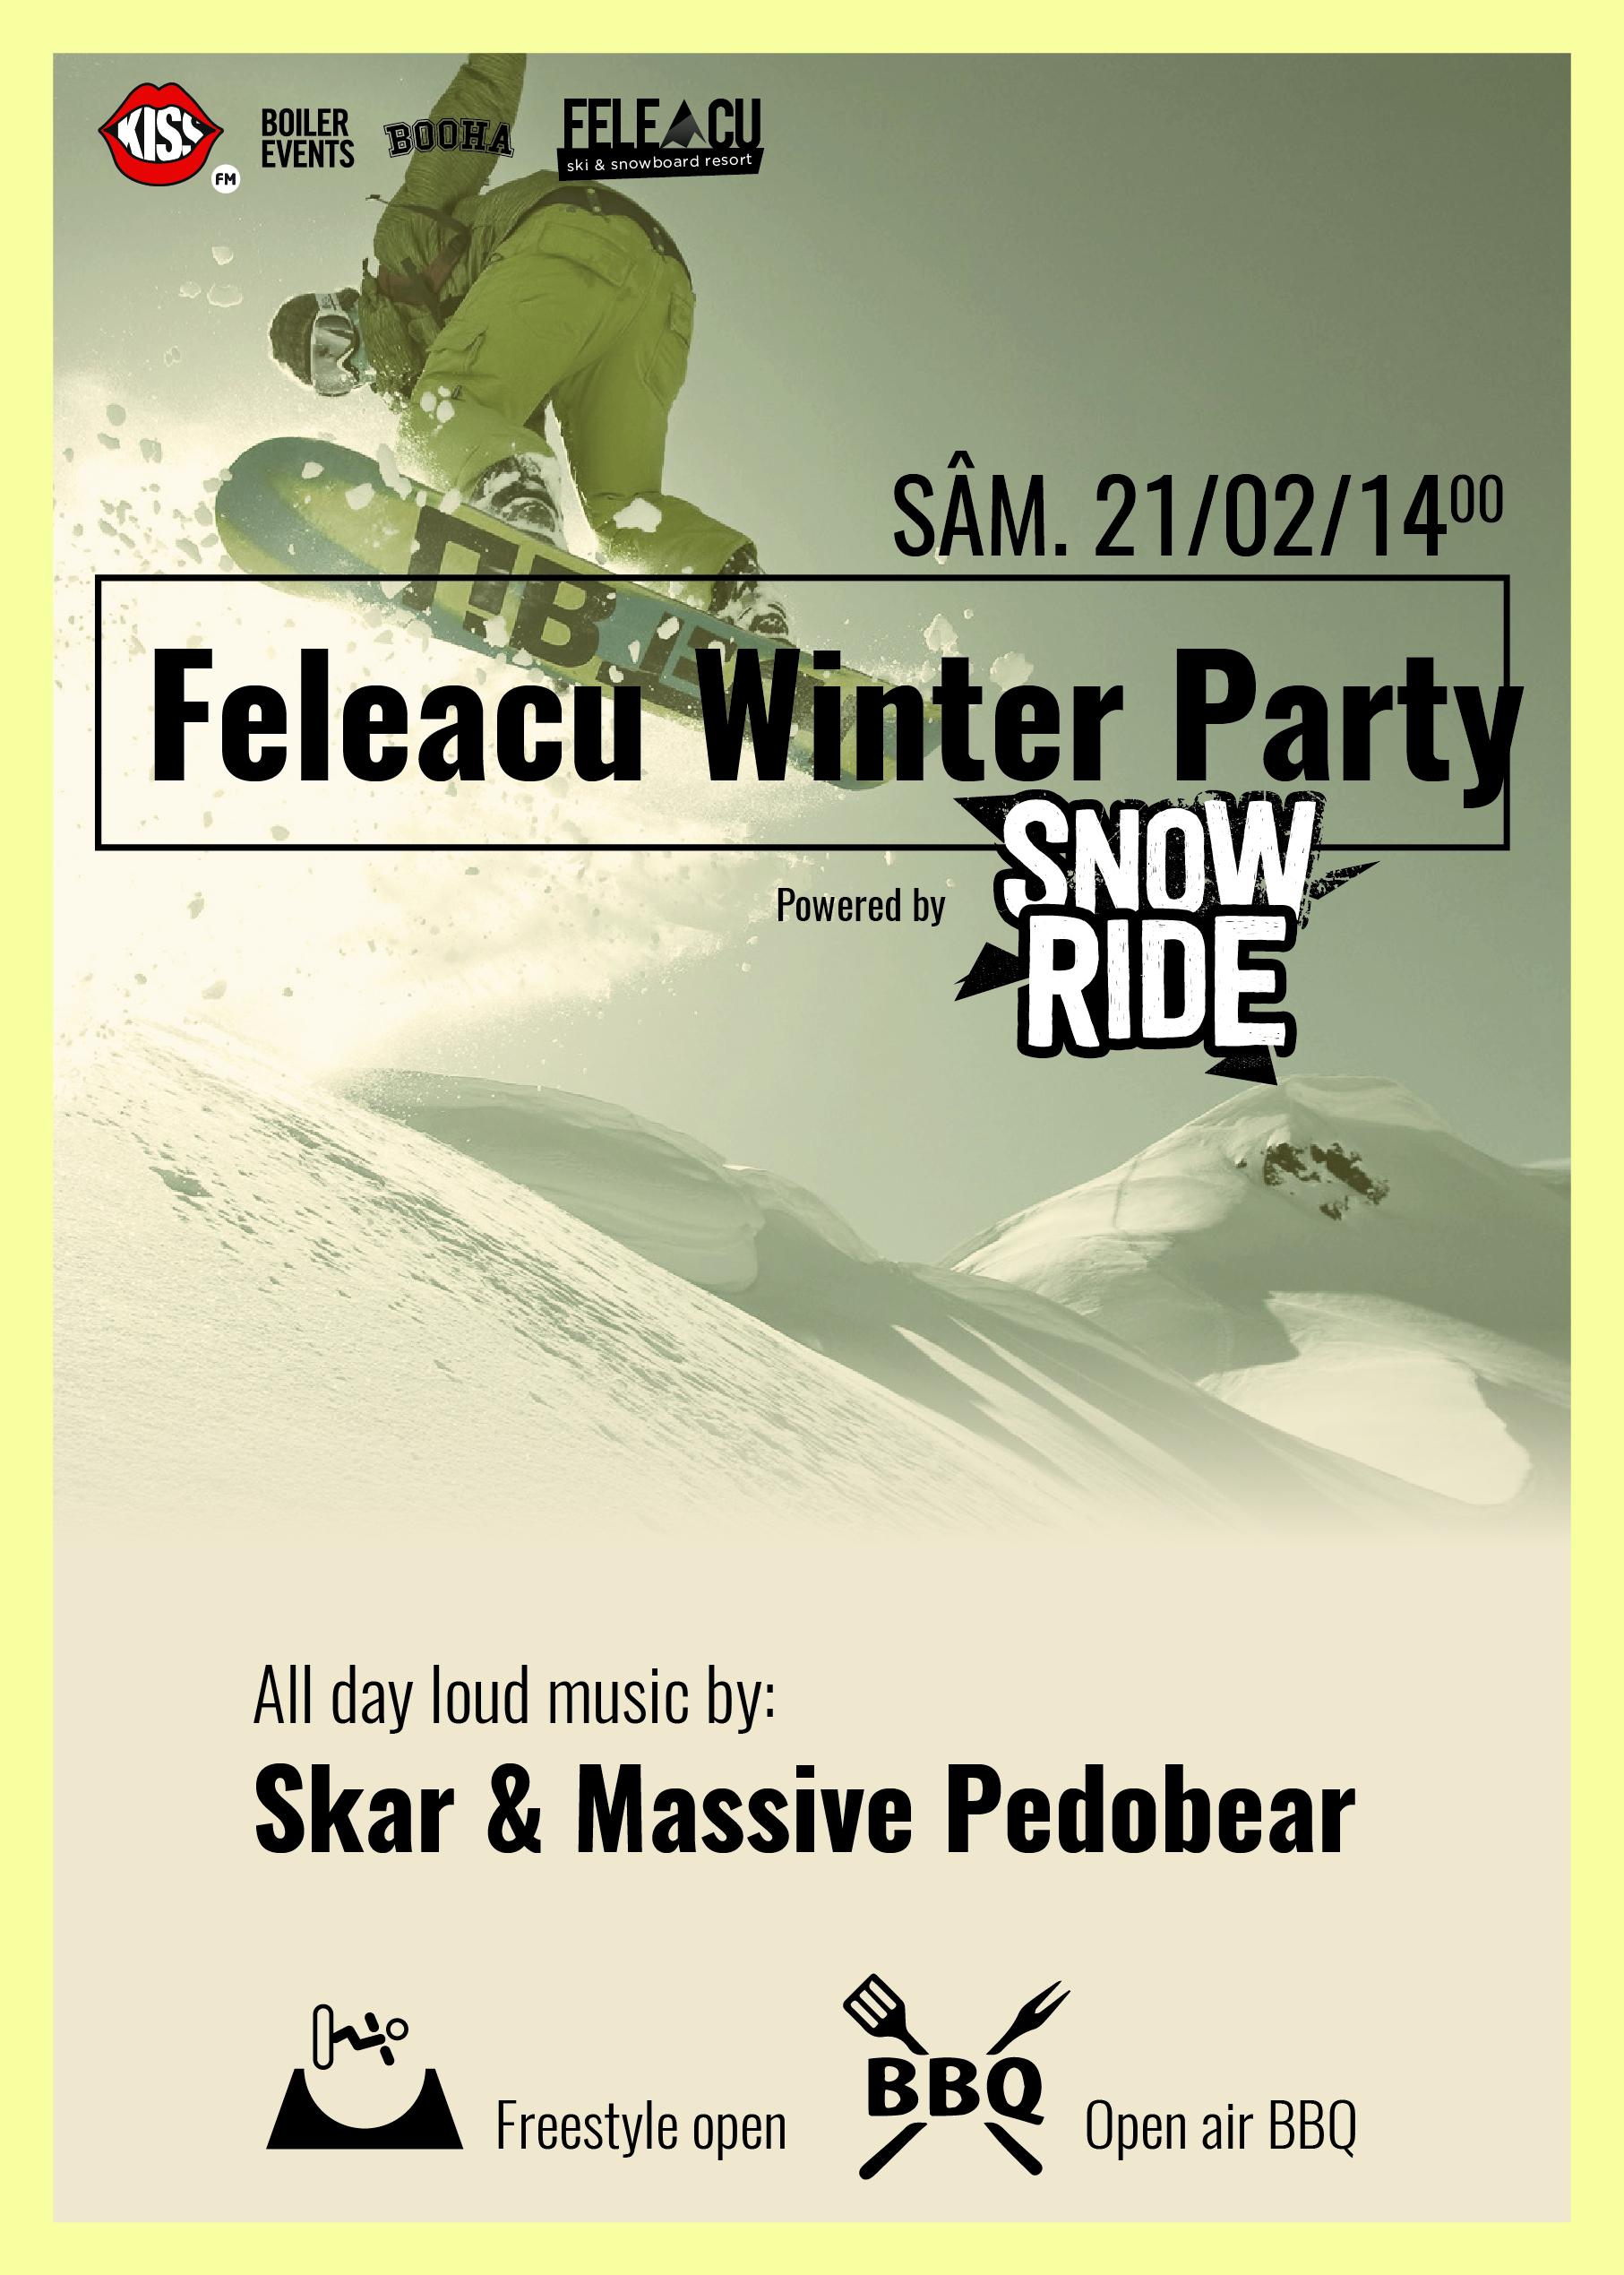 Iubitorii sporturilor de iarna sunt asteptati in weekend la Feleacu Winter Party